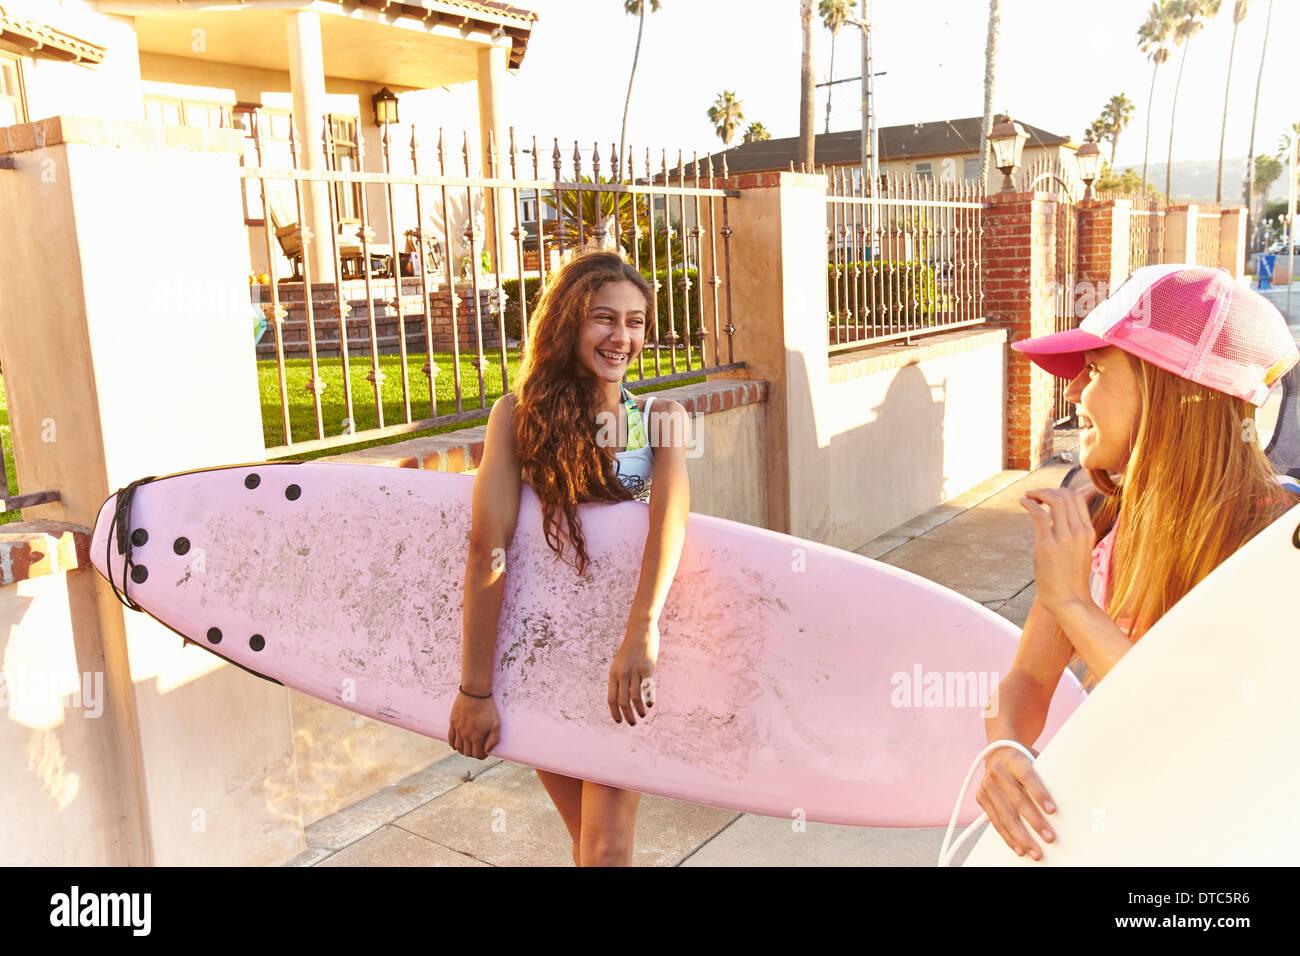 Zwei Mädchen tragen Surfbretter Lachen und Lächeln Stockbild